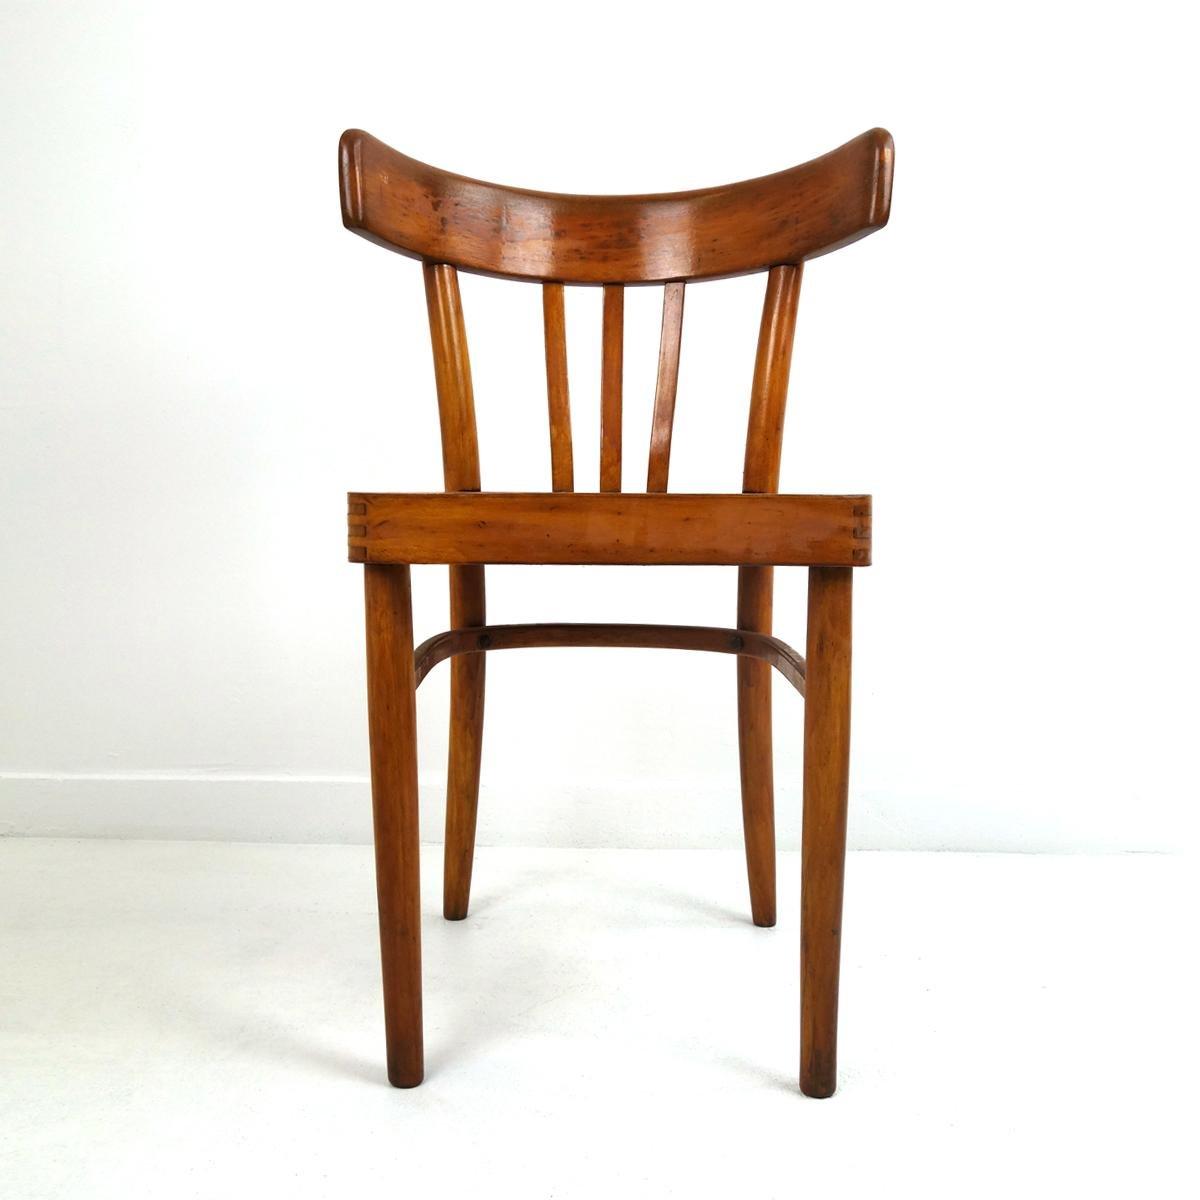 Sedie da pranzo vintage in legno di KOK, set di 5 in ...